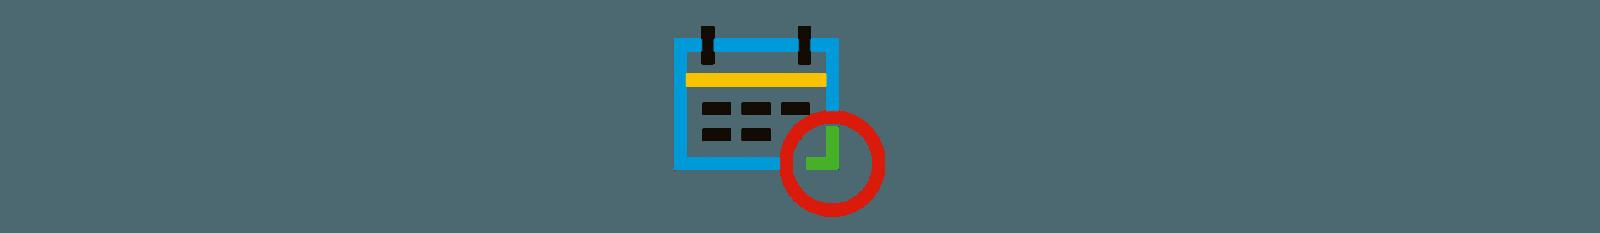 Поможет ли аутсорсинг сэкономить на логистике